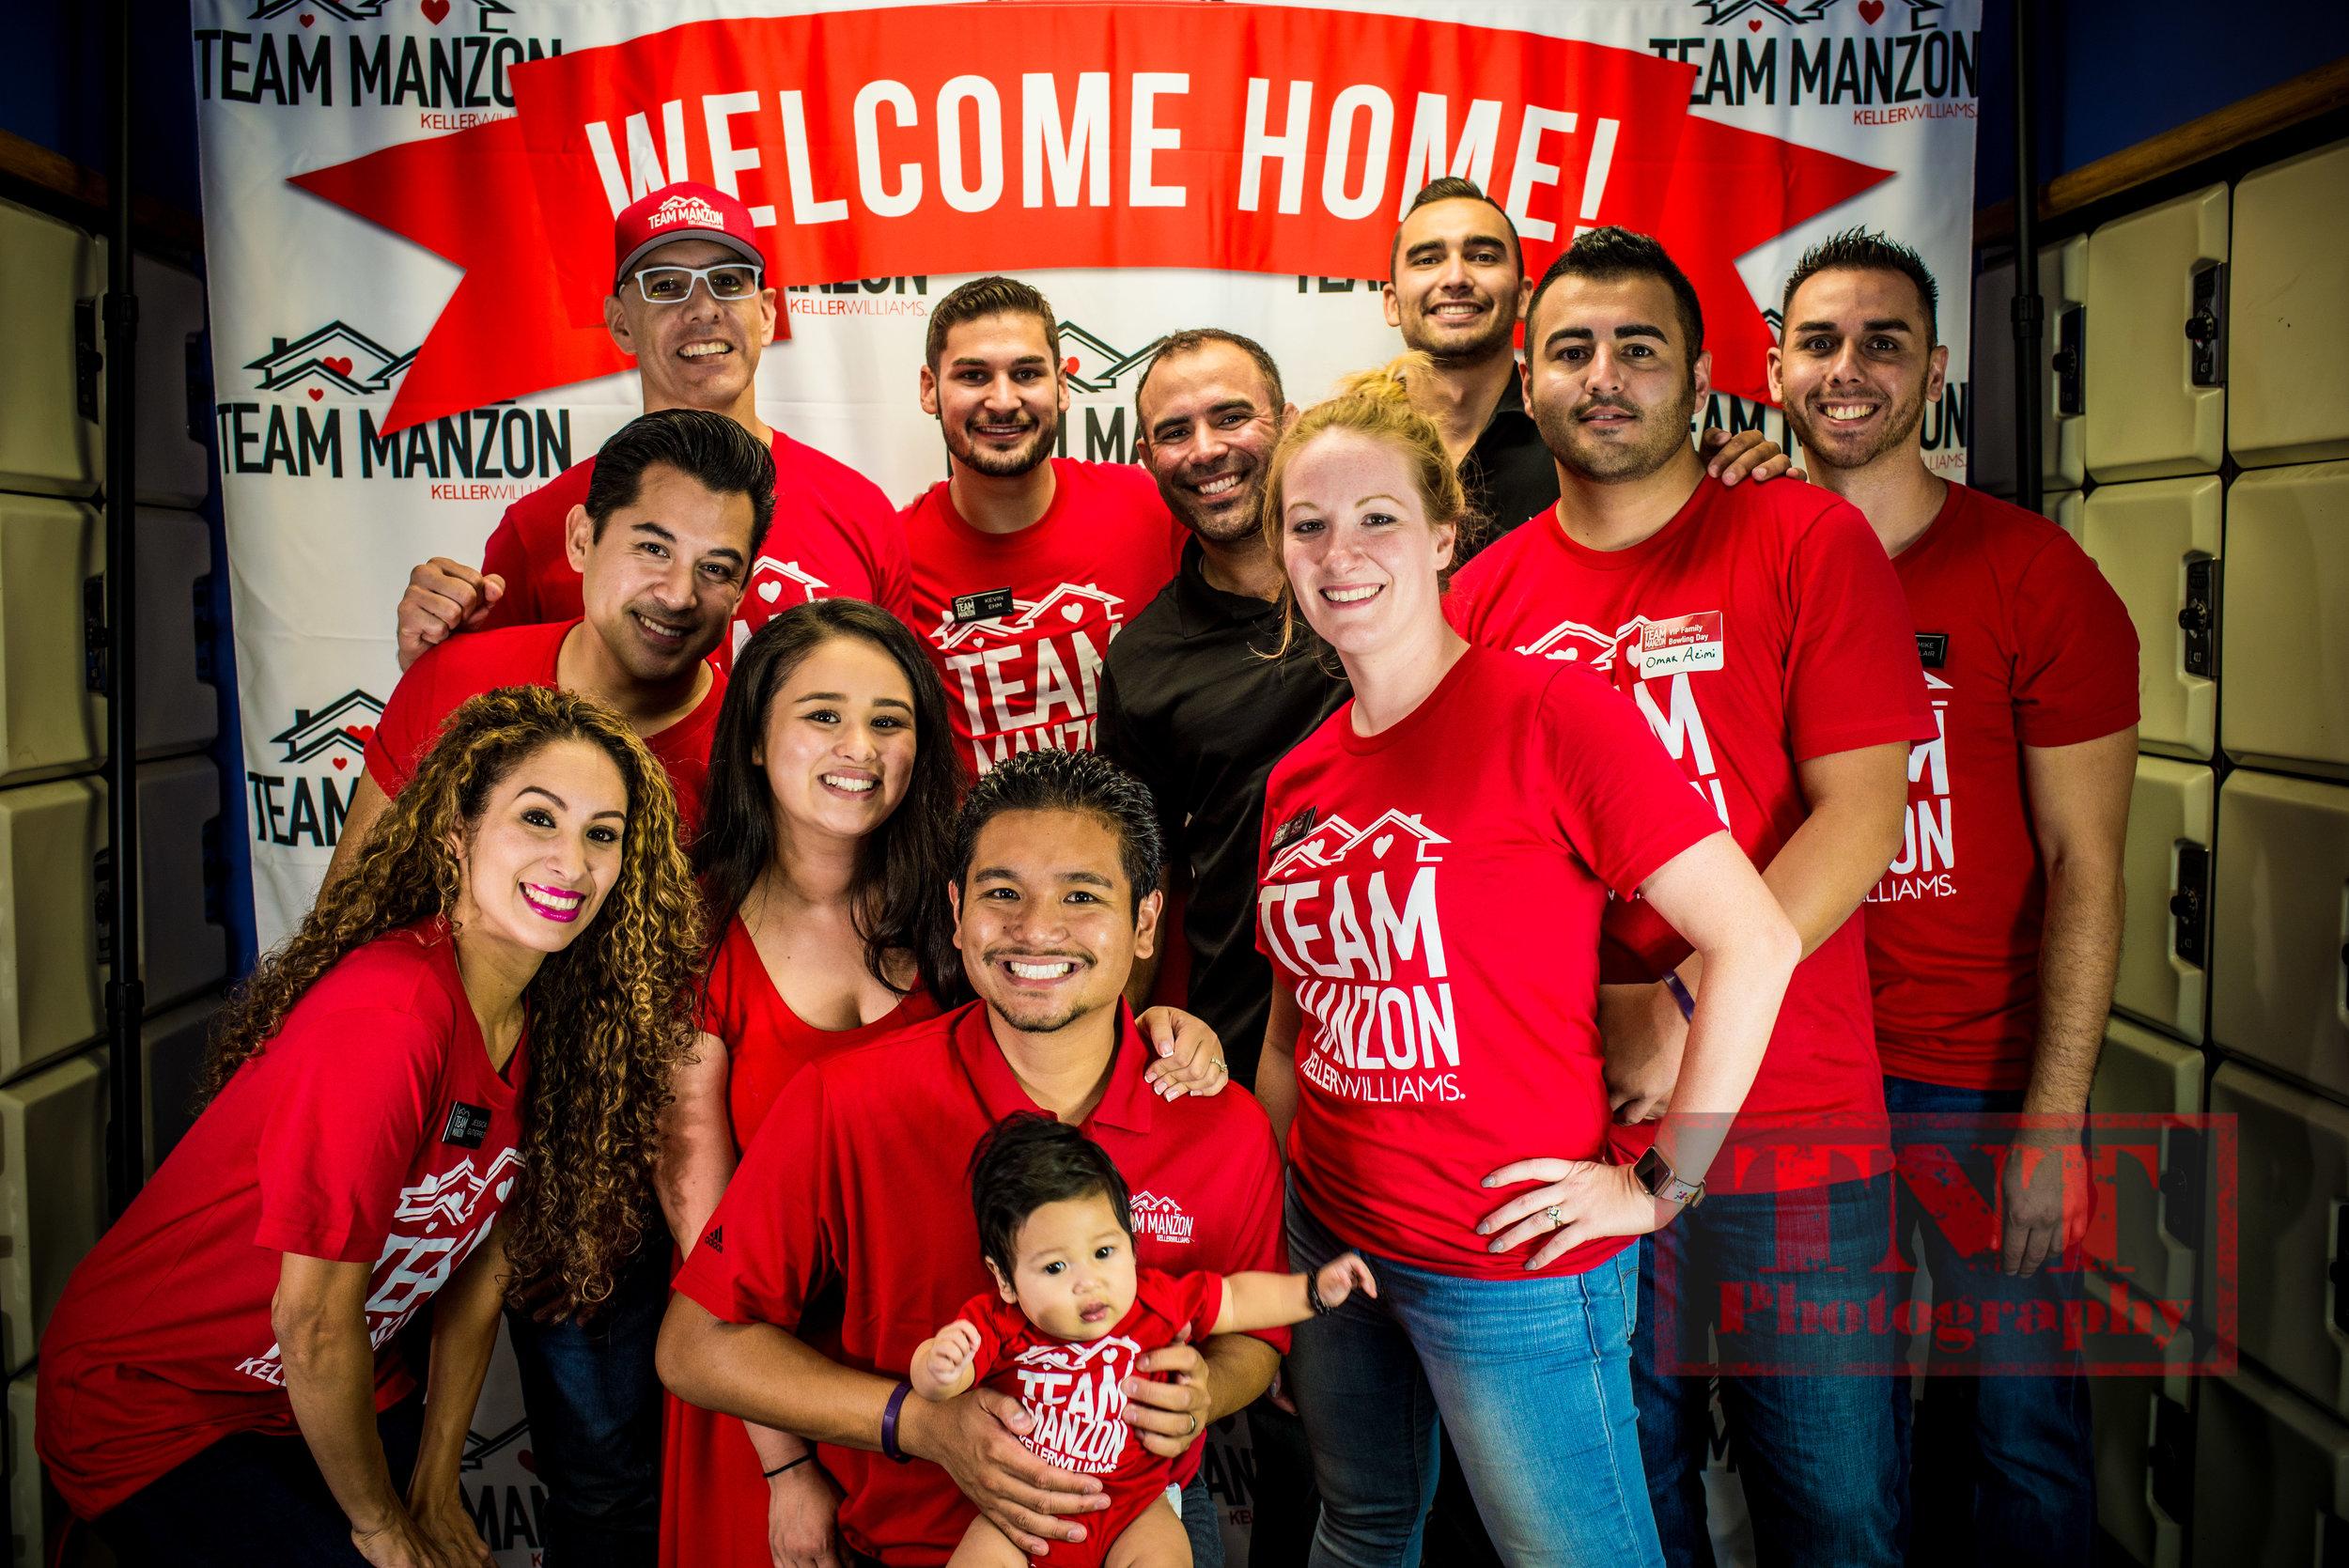 Team Manzon Customer Appreciation - Bowlero Chula Vista, Chula Vista